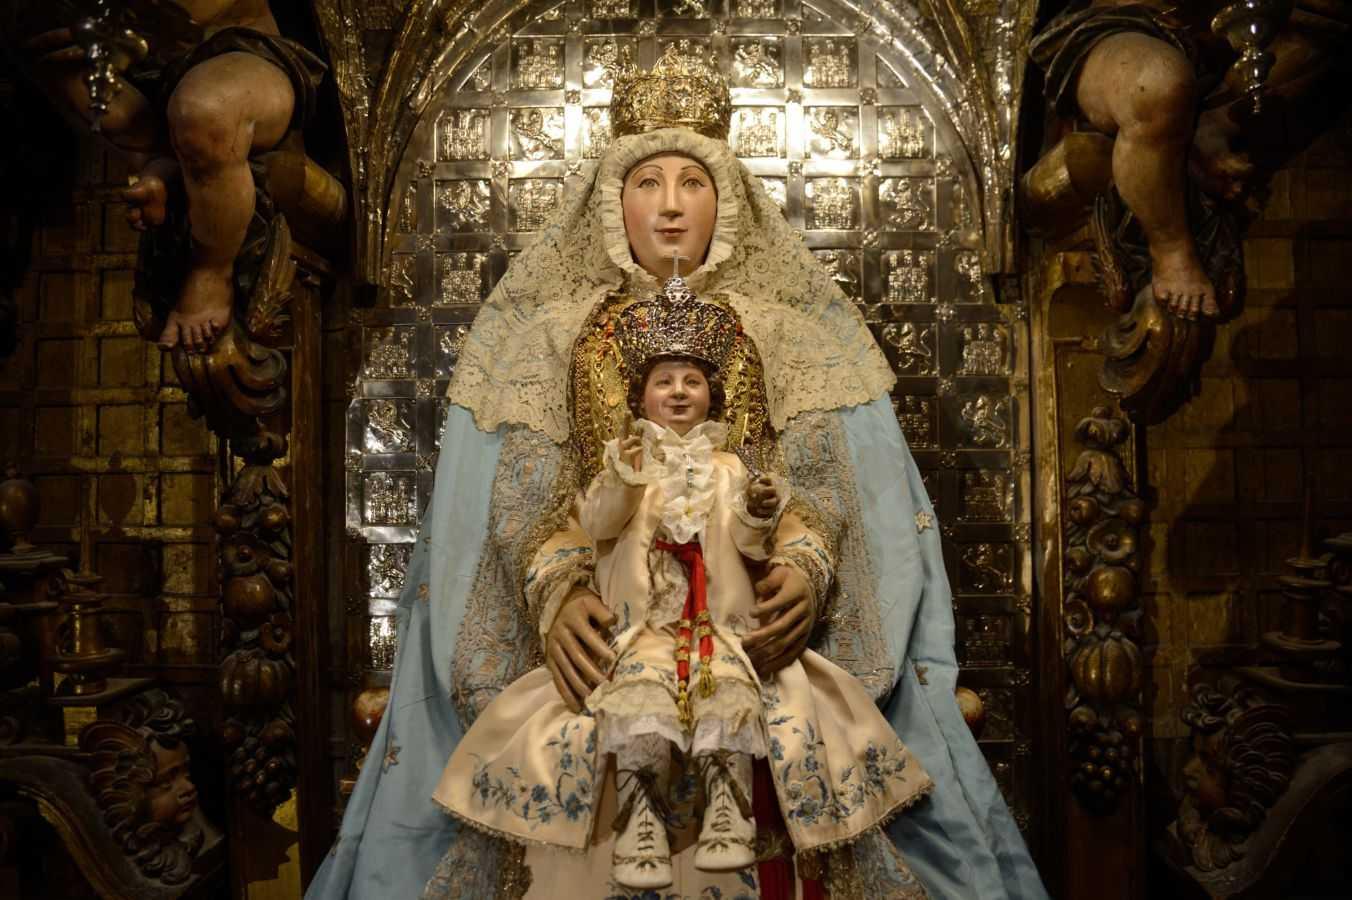 Monseñor Sainz Meneses anuncia la procesión extraordinaria de la Virgen de los Reyes el 7 de diciembre